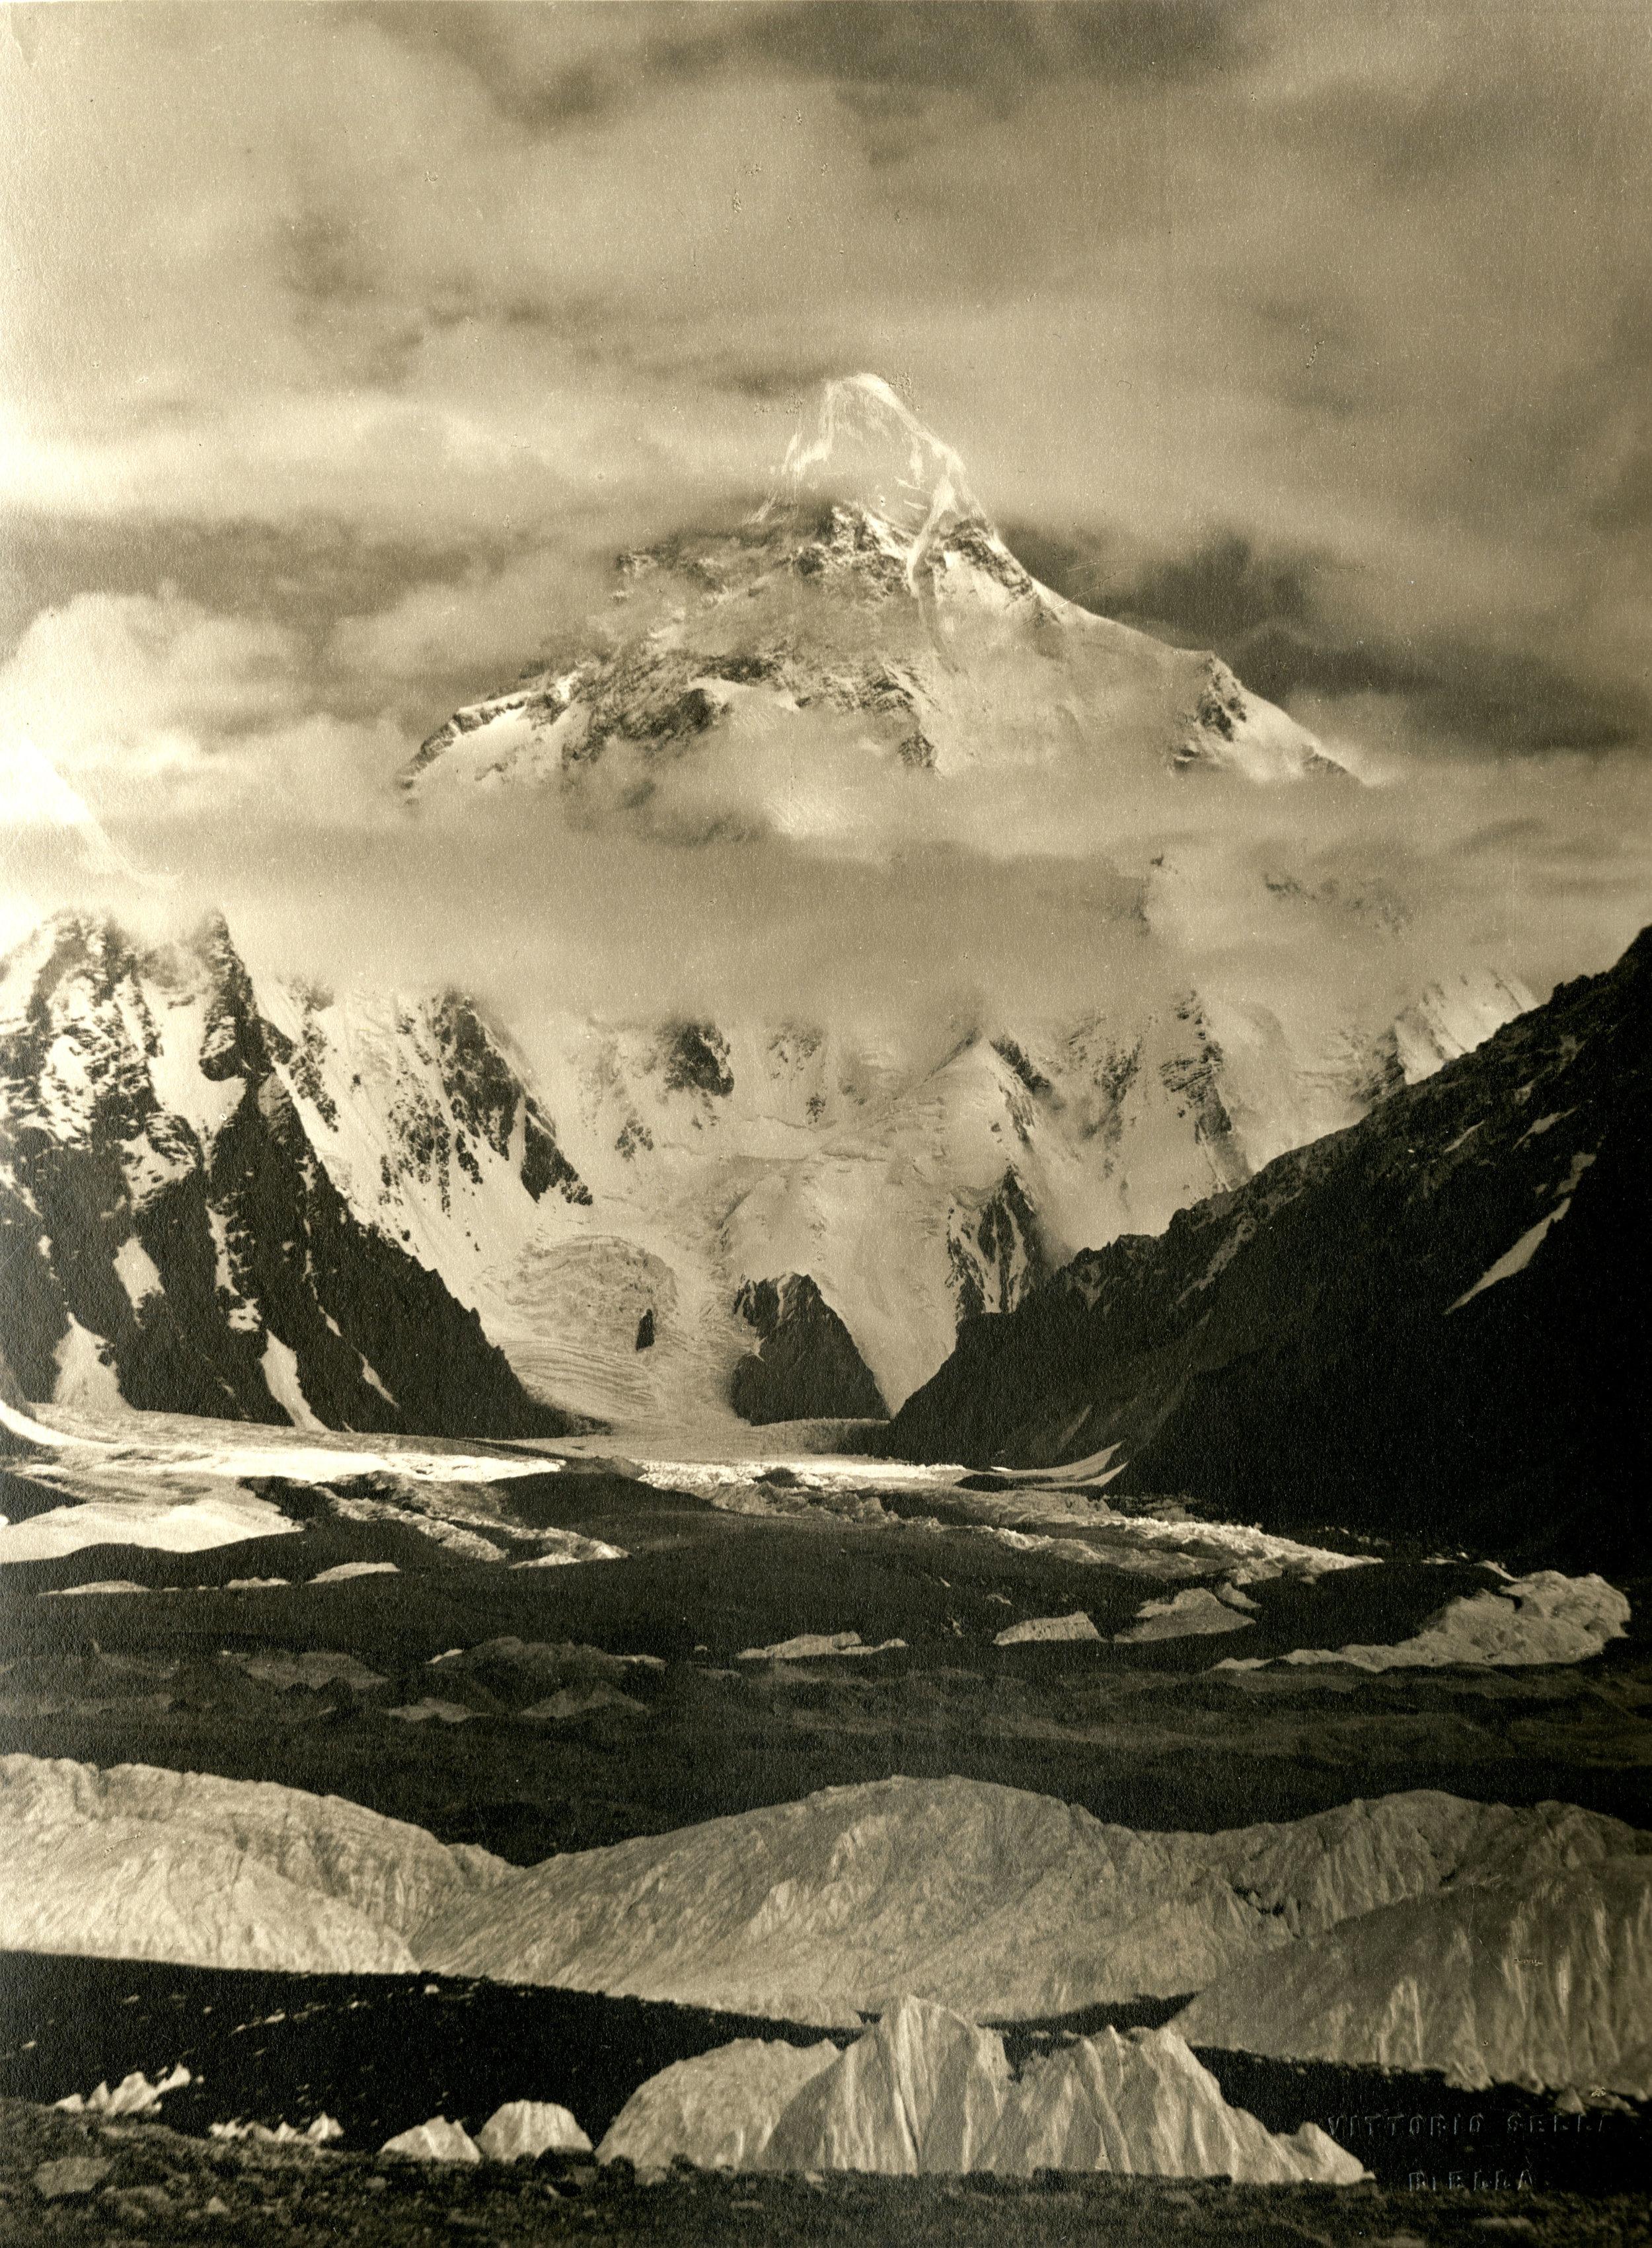 Photograph of K2 from the Baltoro Glacier, taken by Vittorio Sella in 1909. Vittorio Sella Collection